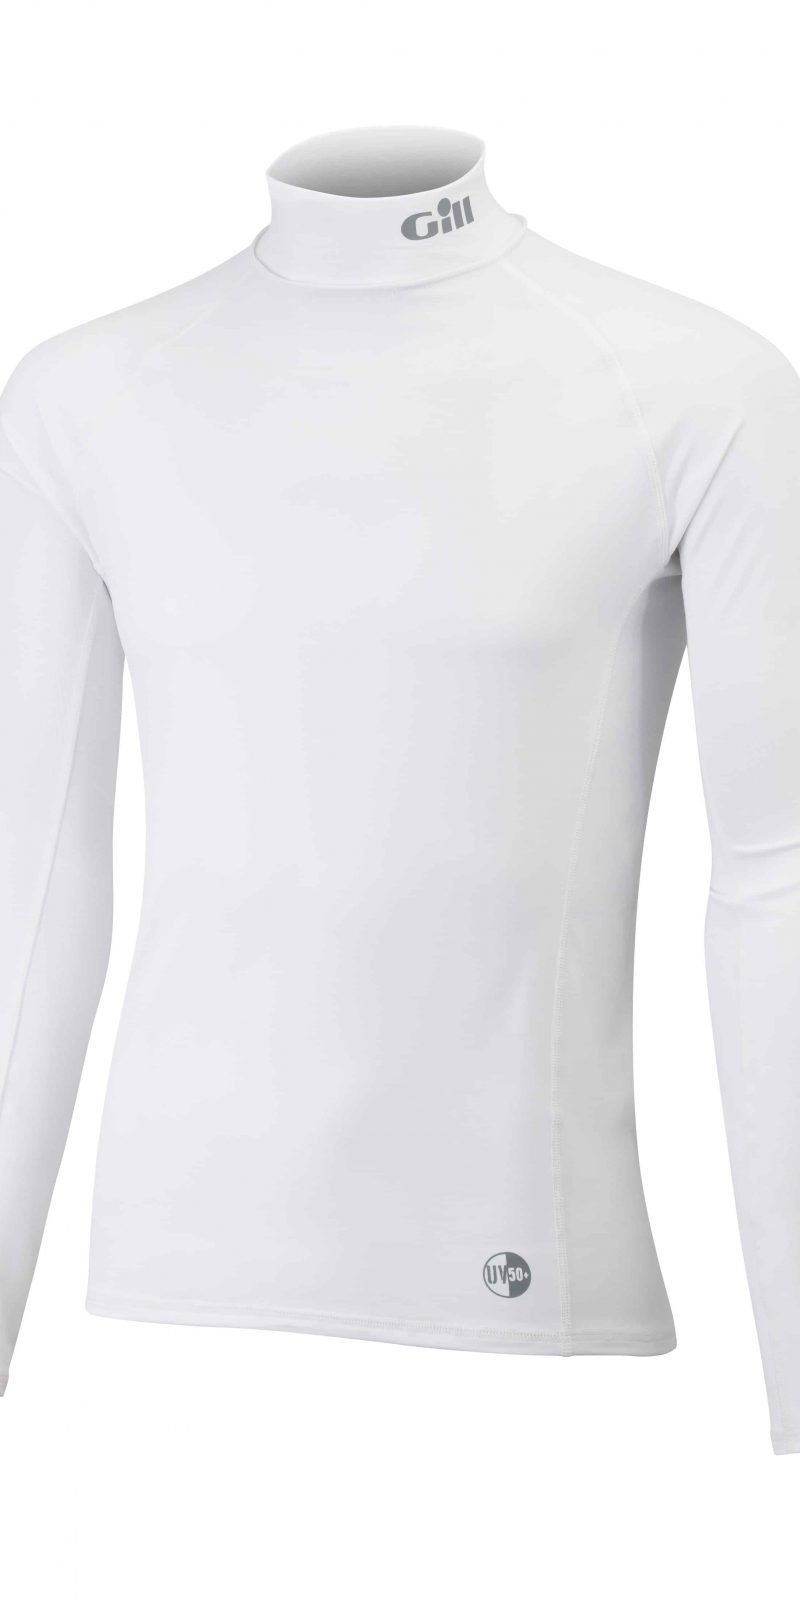 Gill – UV Rash Vest Longsleeve